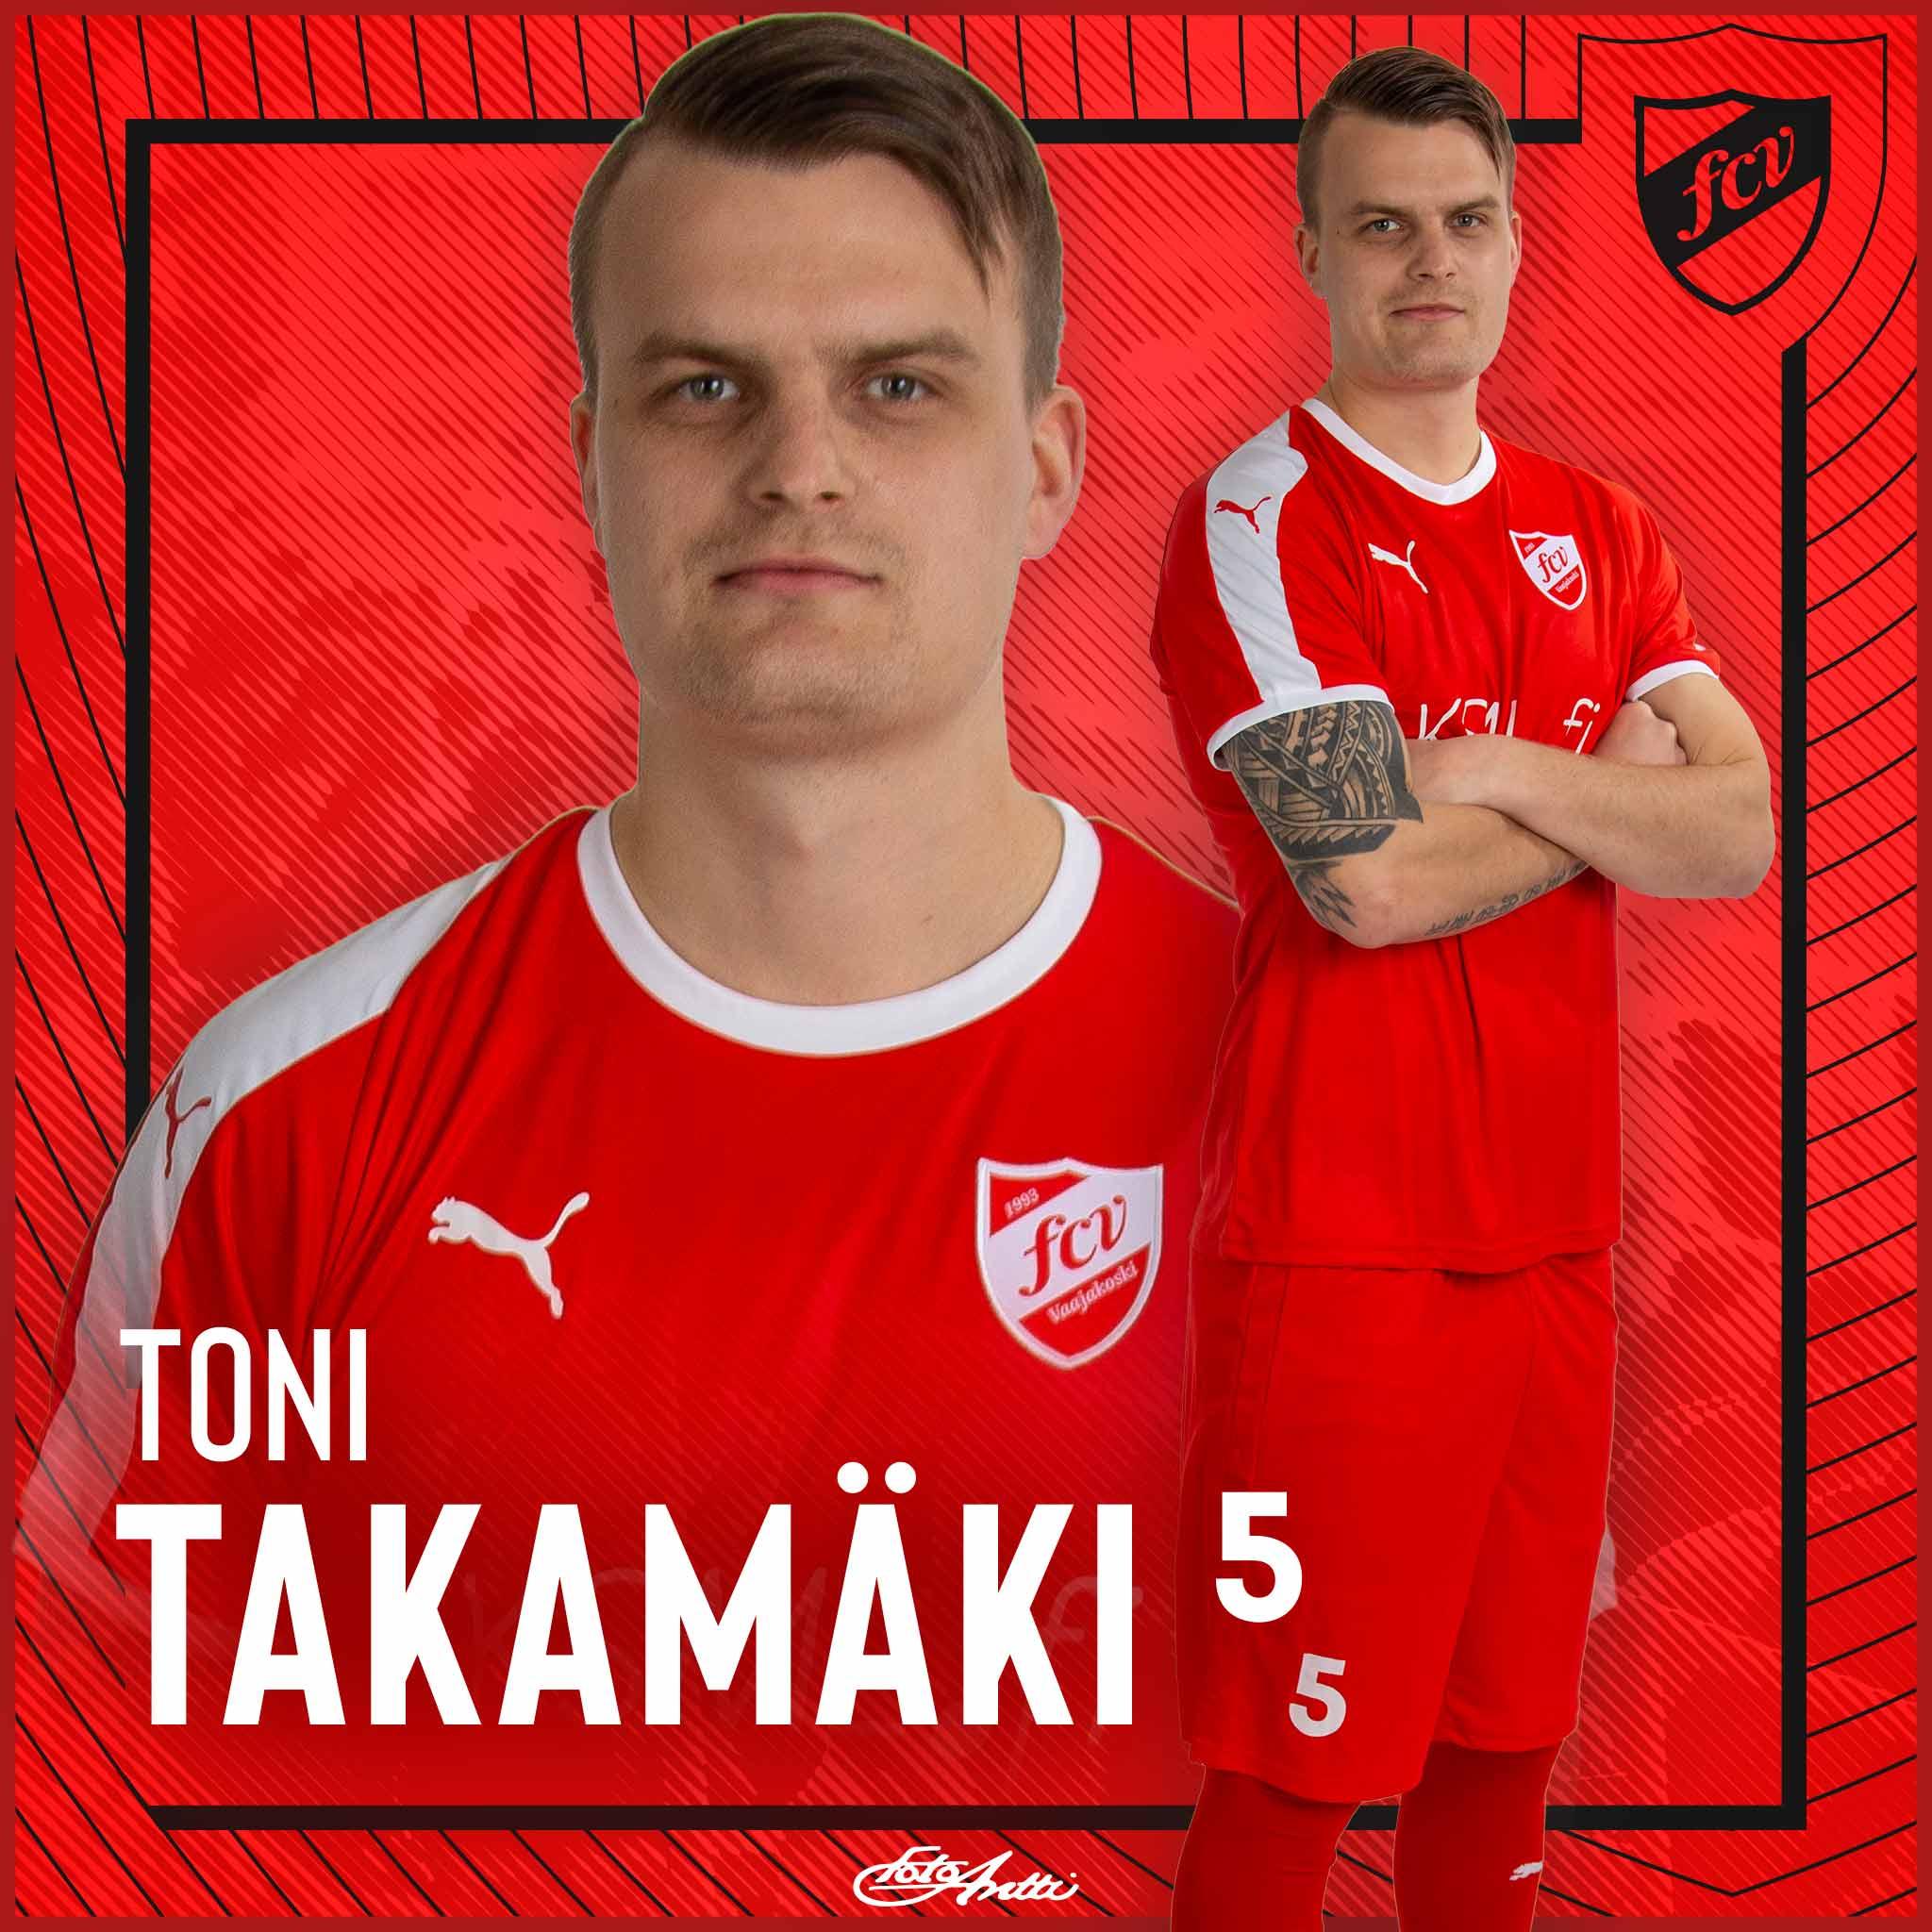 Toni Takamäki